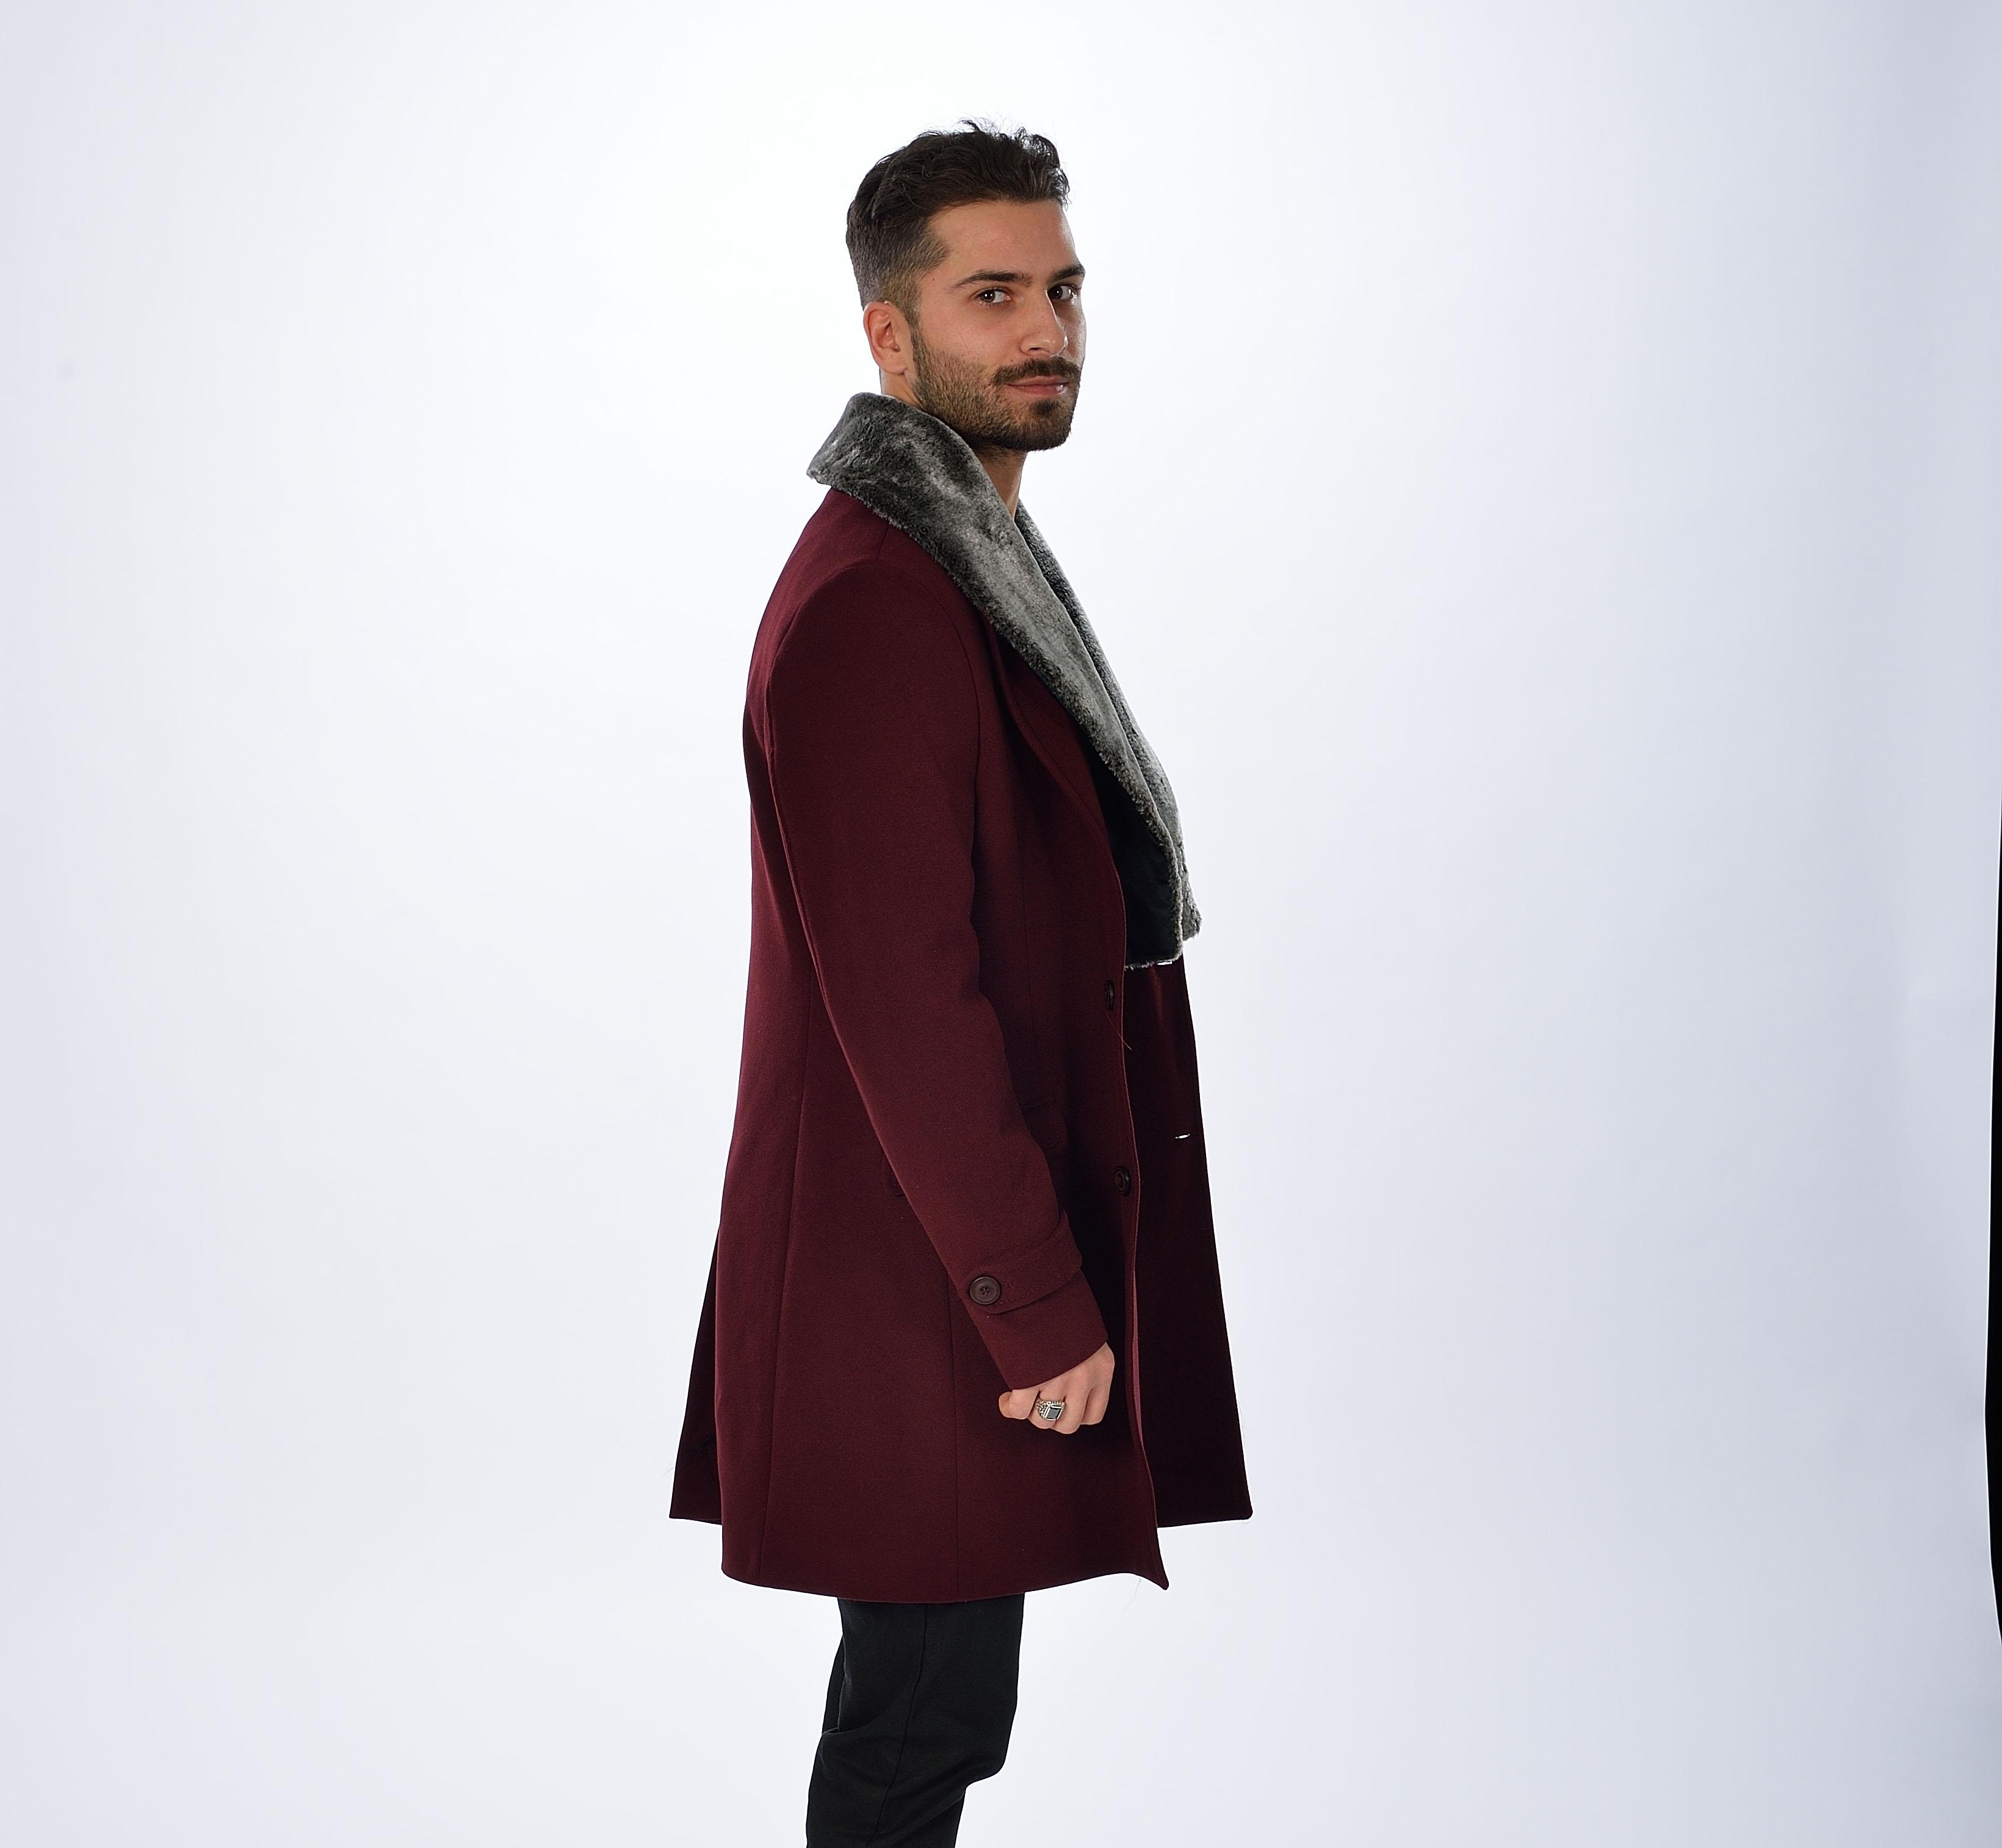 burgund langer mantel mit pelz descy official. Black Bedroom Furniture Sets. Home Design Ideas